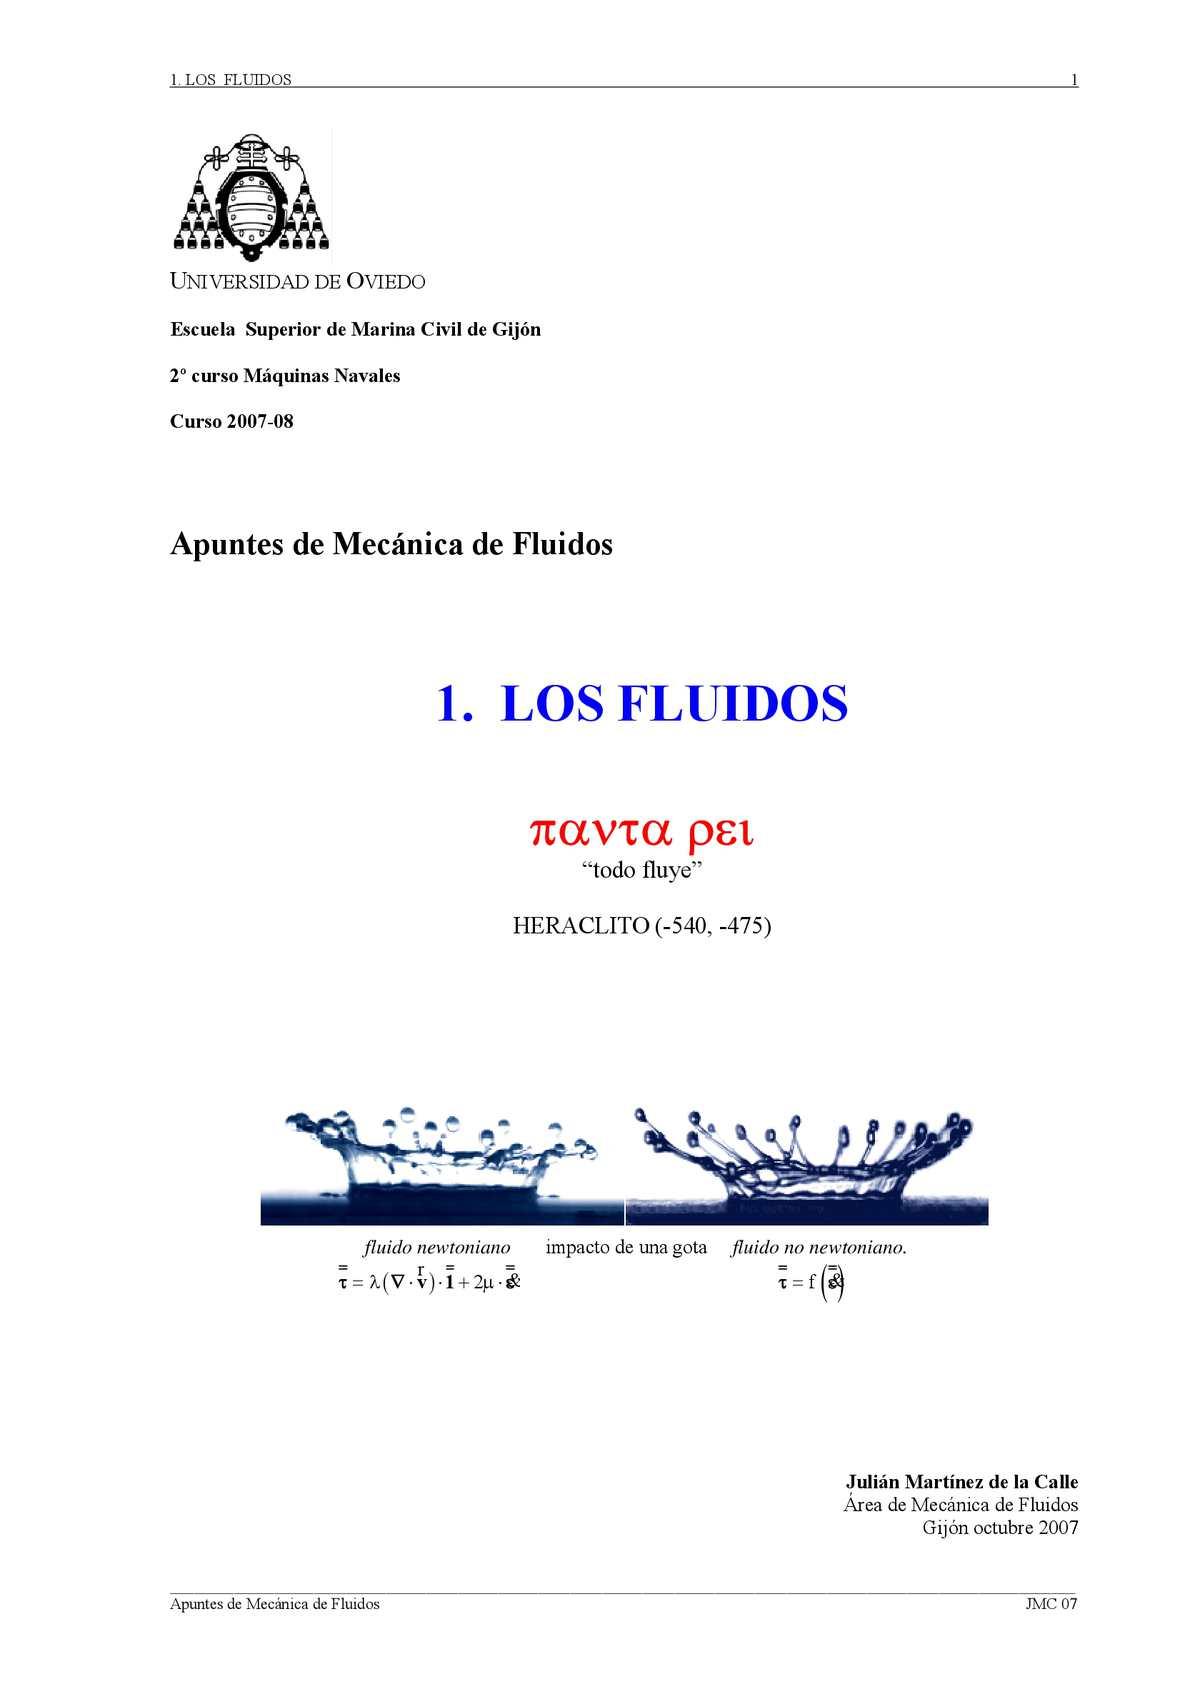 LOS FLUIDOS 0708